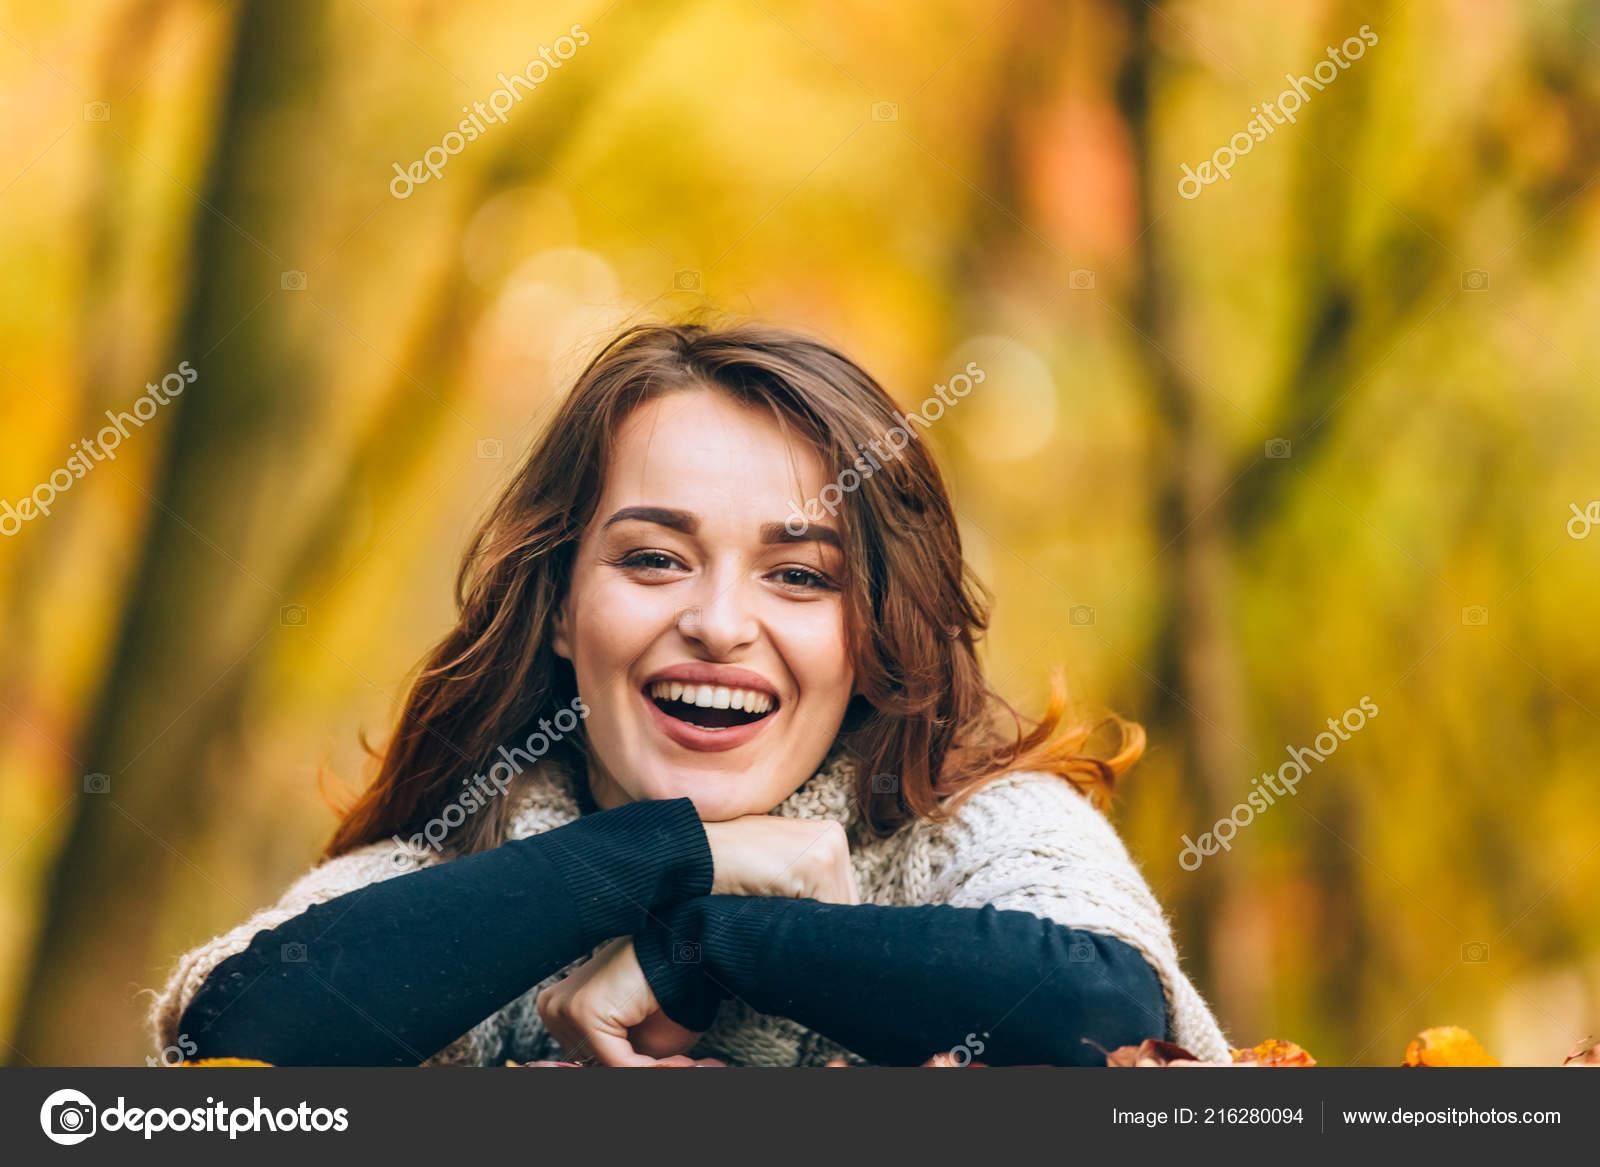 como serch verdadero negocio ahorre hasta 80% Hermosa Mujer Ropa Abrigo Ríe Parque Fondo Los Árboles Otoño ...